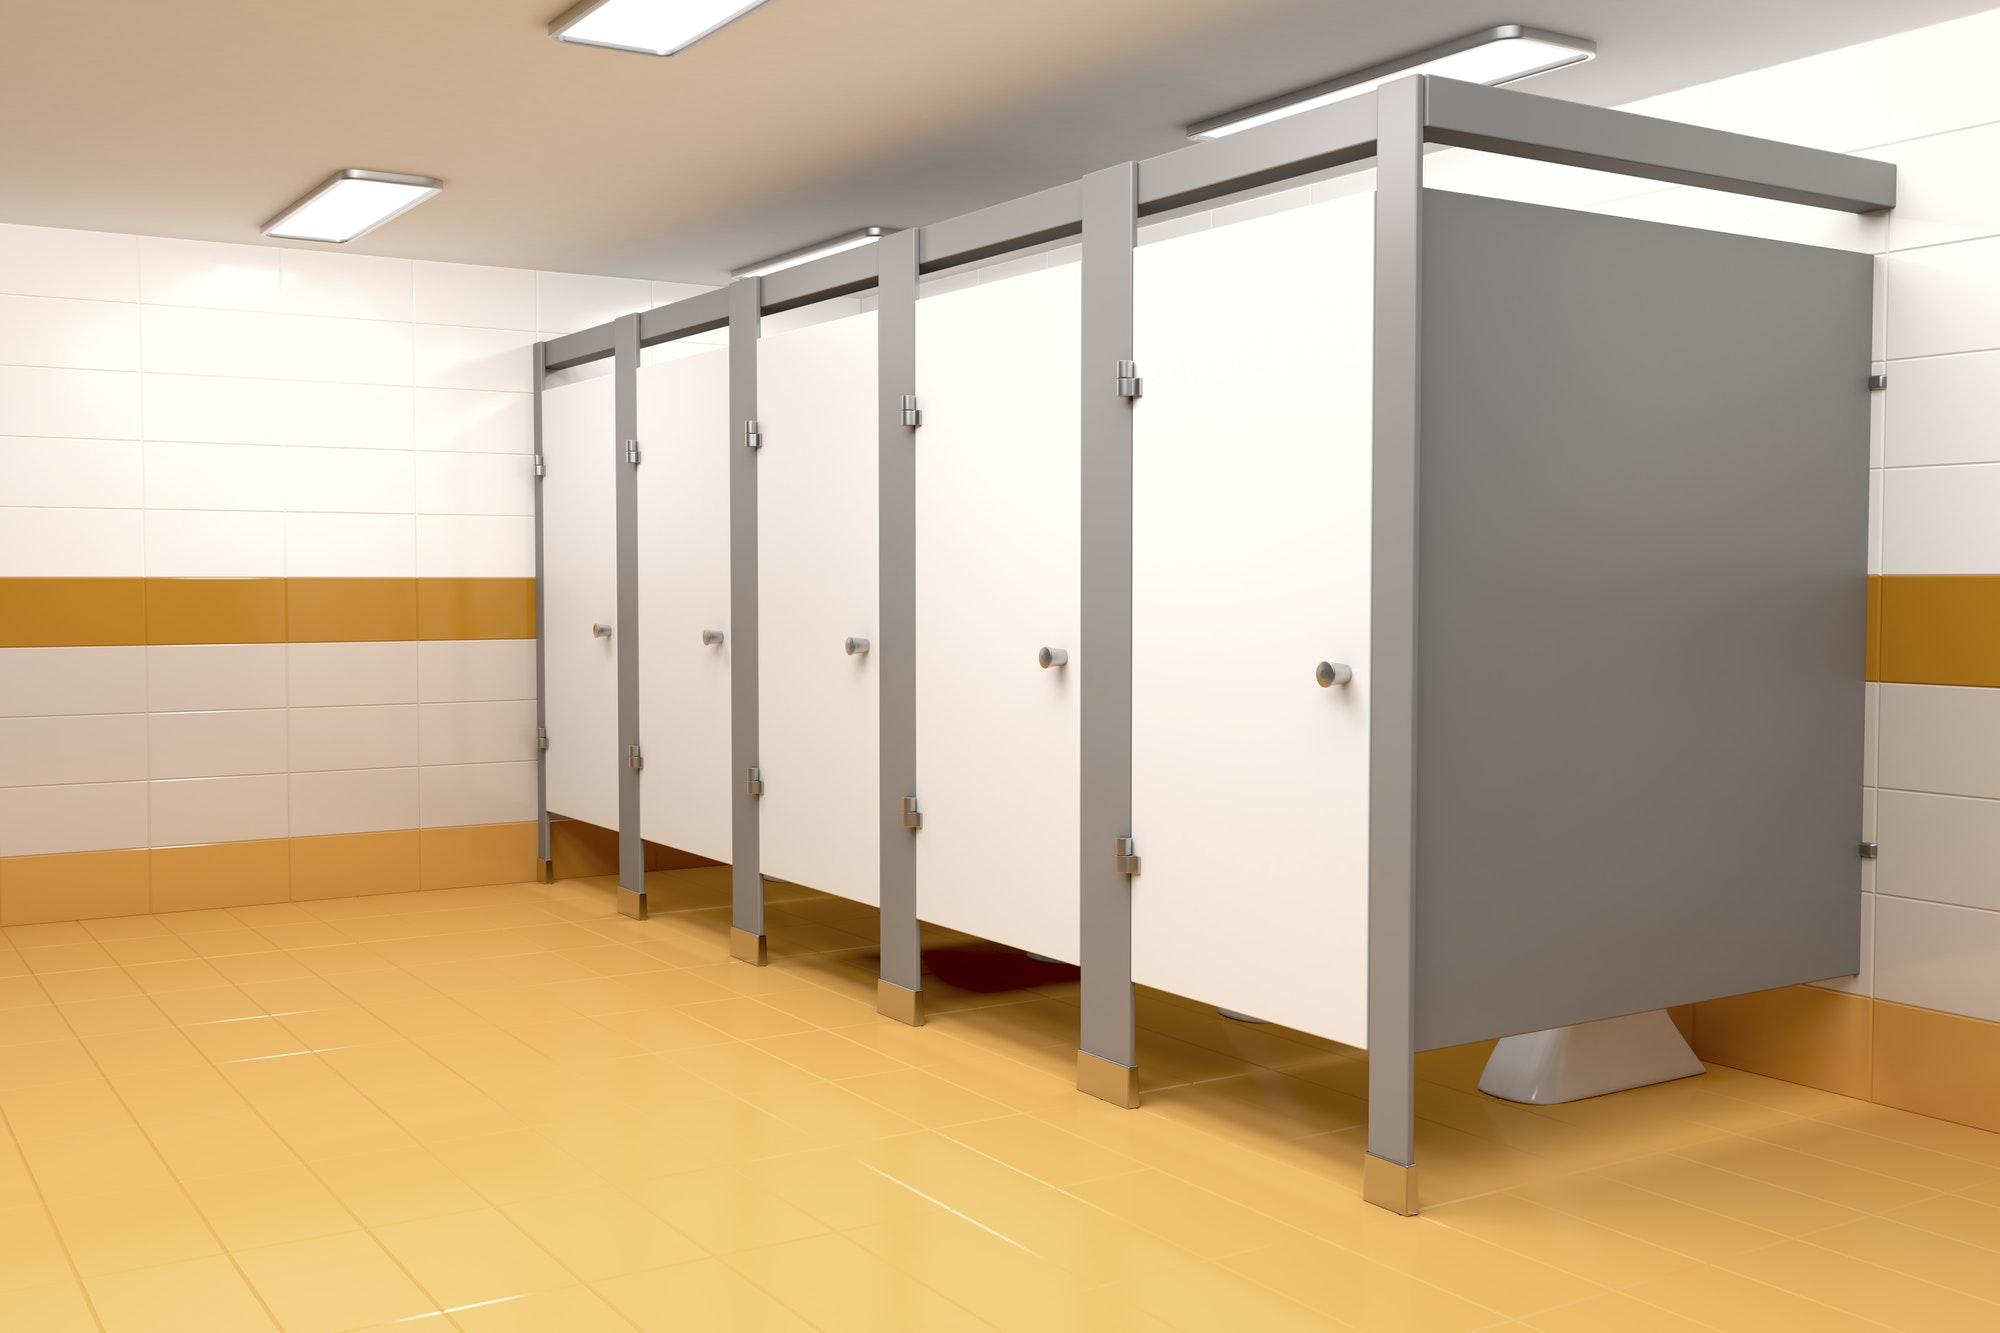 Public toilet